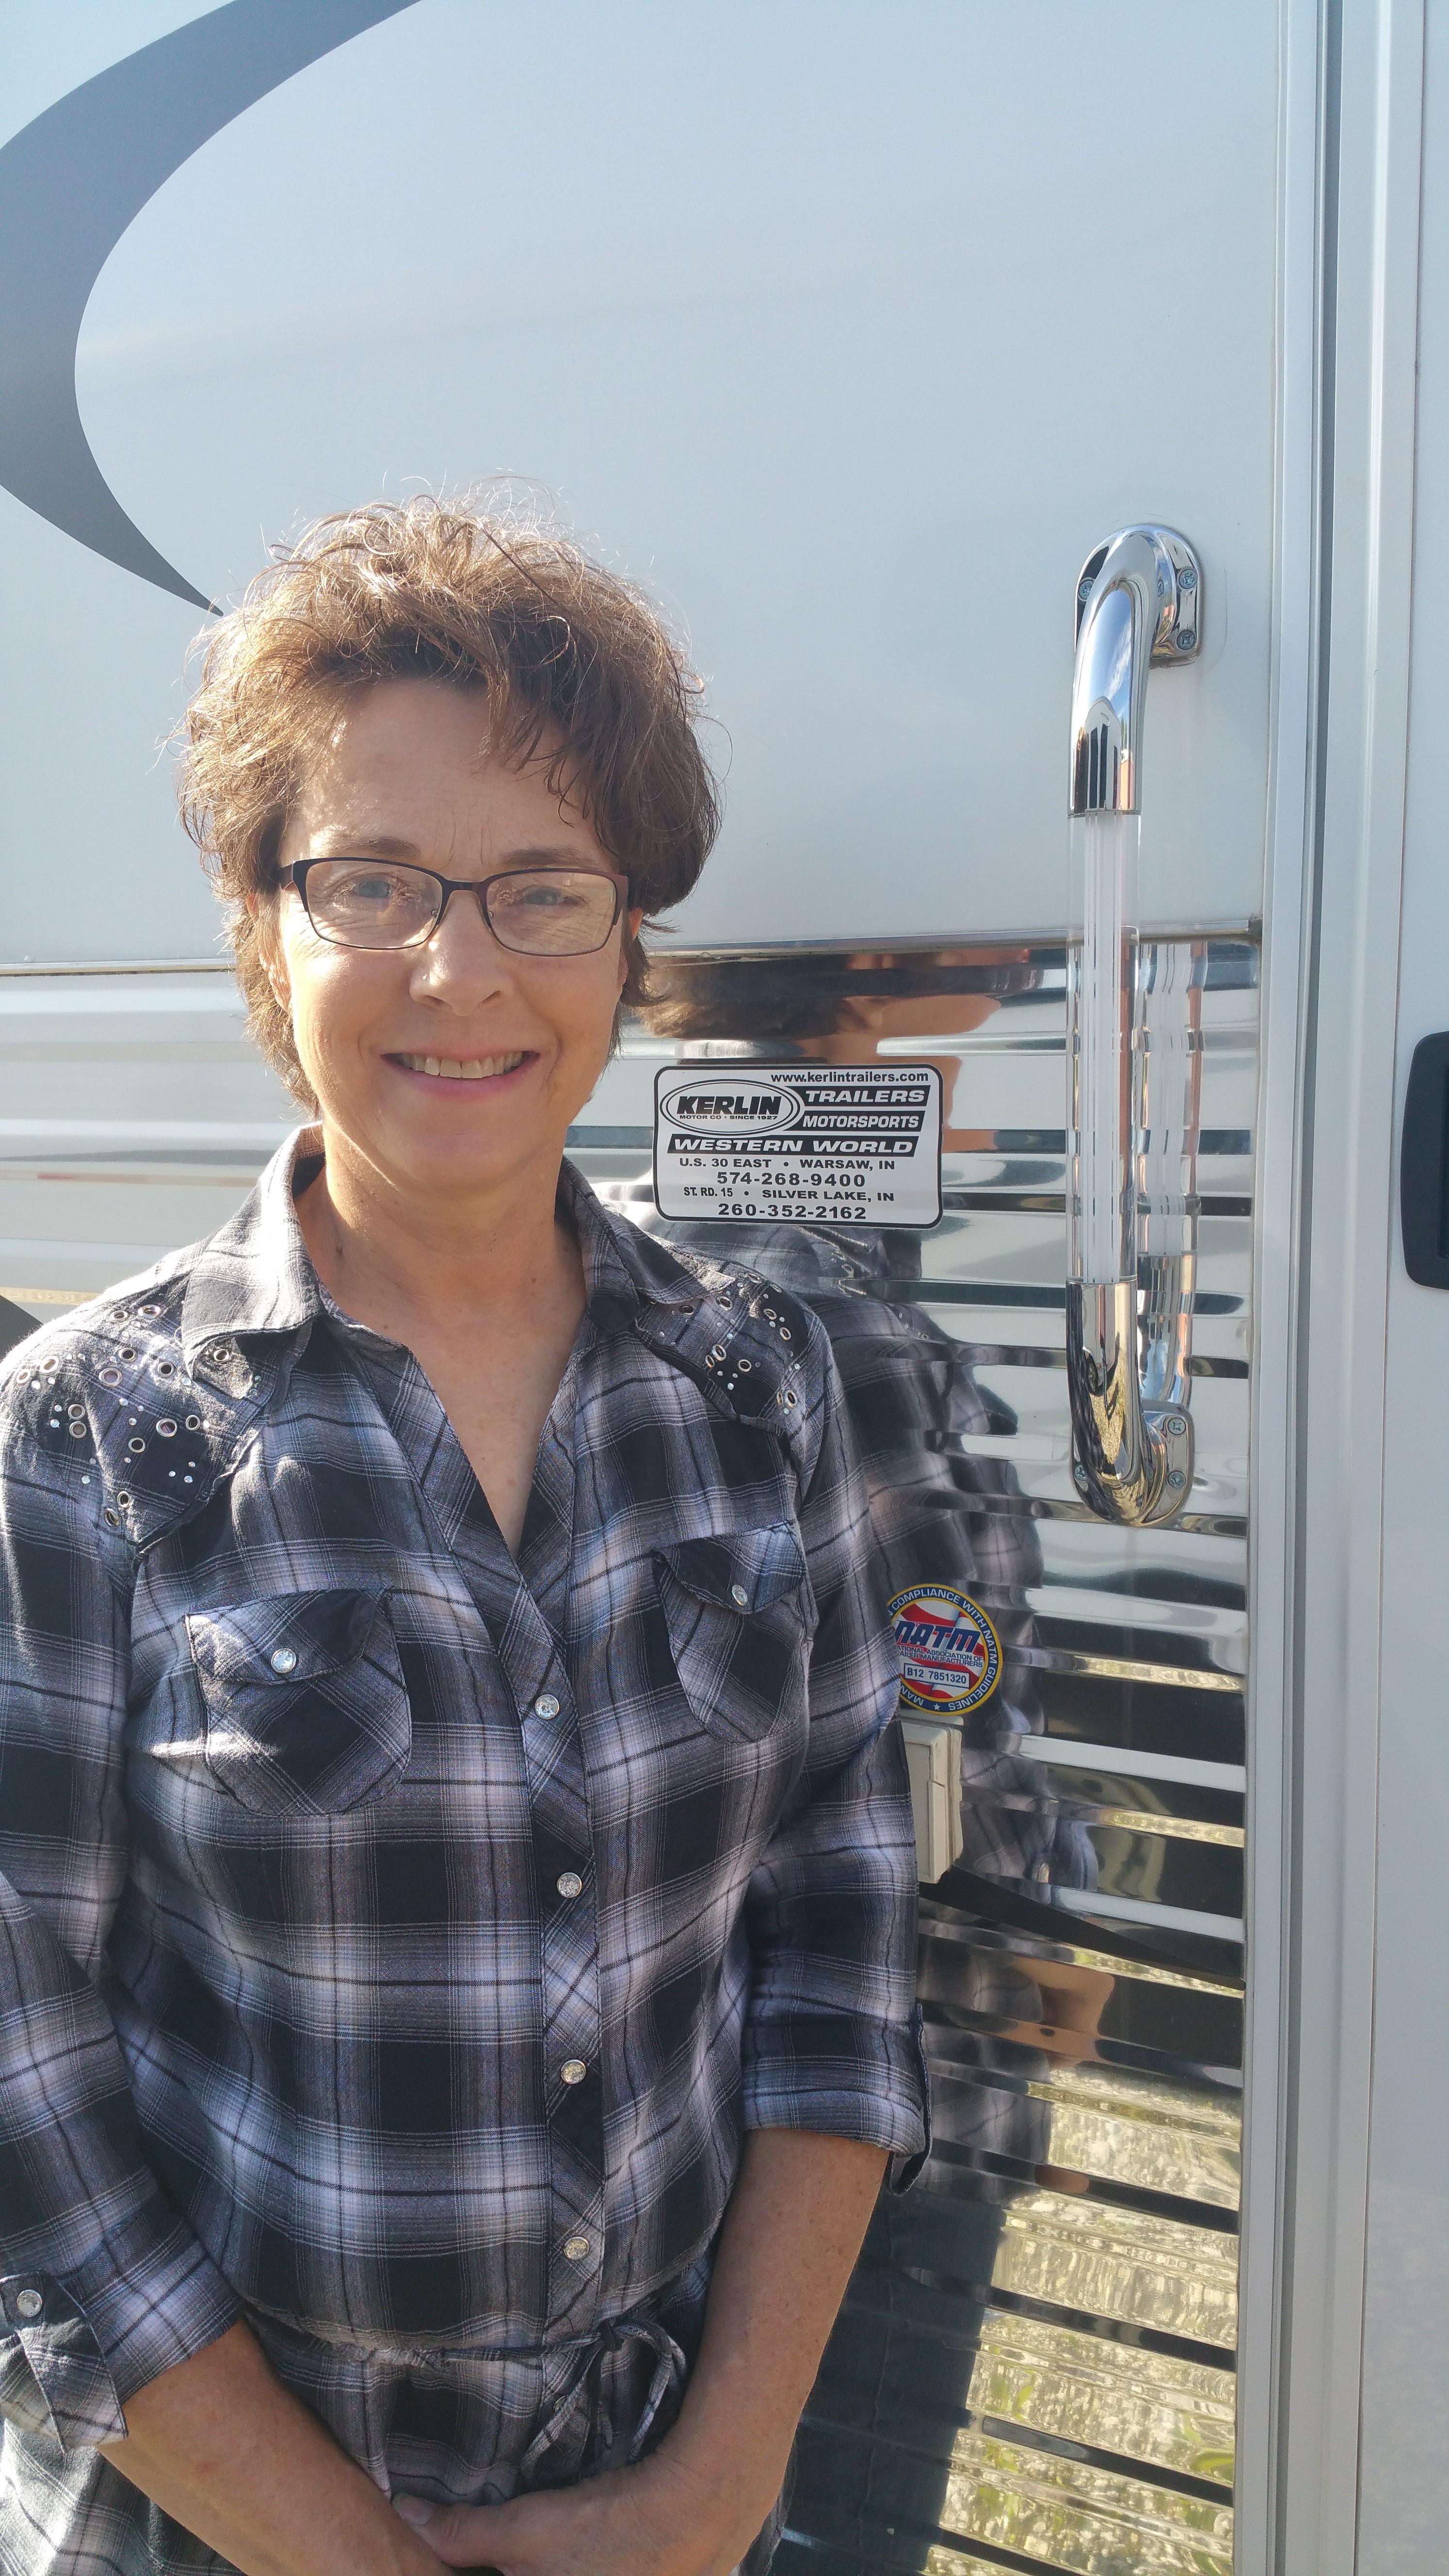 Valerie Warner profile at Kerlin Trailers